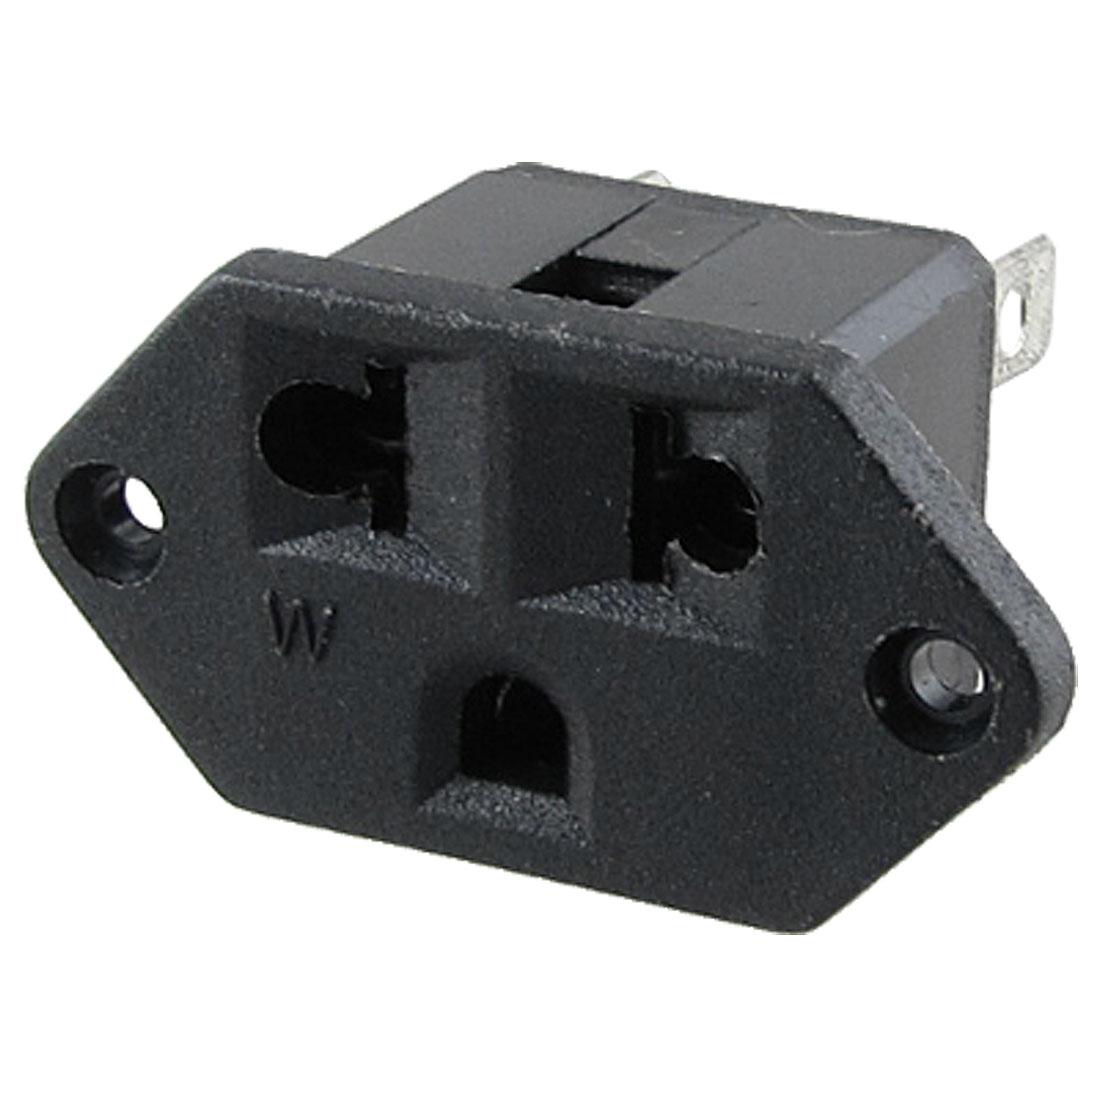 AC250V 10A AC125V 15A 3 Pin Terminals US EU Panel Socket Power Receptacle